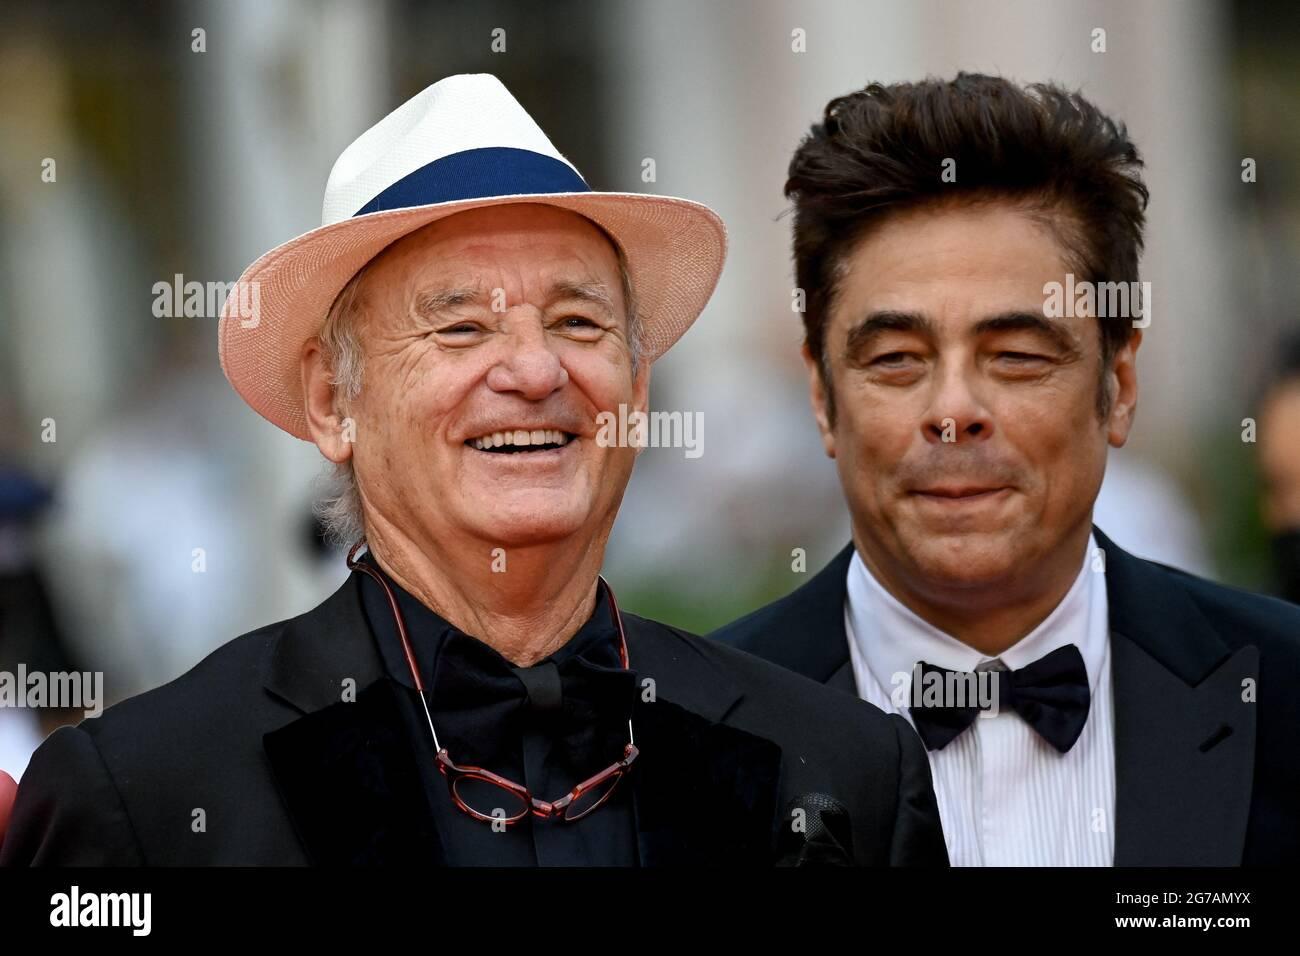 Cannes, Francia. 12 luglio 2021. Bill Murray, Benicio del Toro alla prima del film The French Dispatch durante il 74a Festival di Cannes, in Francia, il 12 2021 luglio. Foto di Julien Reynaud/APS-Medias/ABACAPRESS.COM Credit: Abaca Press/Alamy Live News Foto Stock